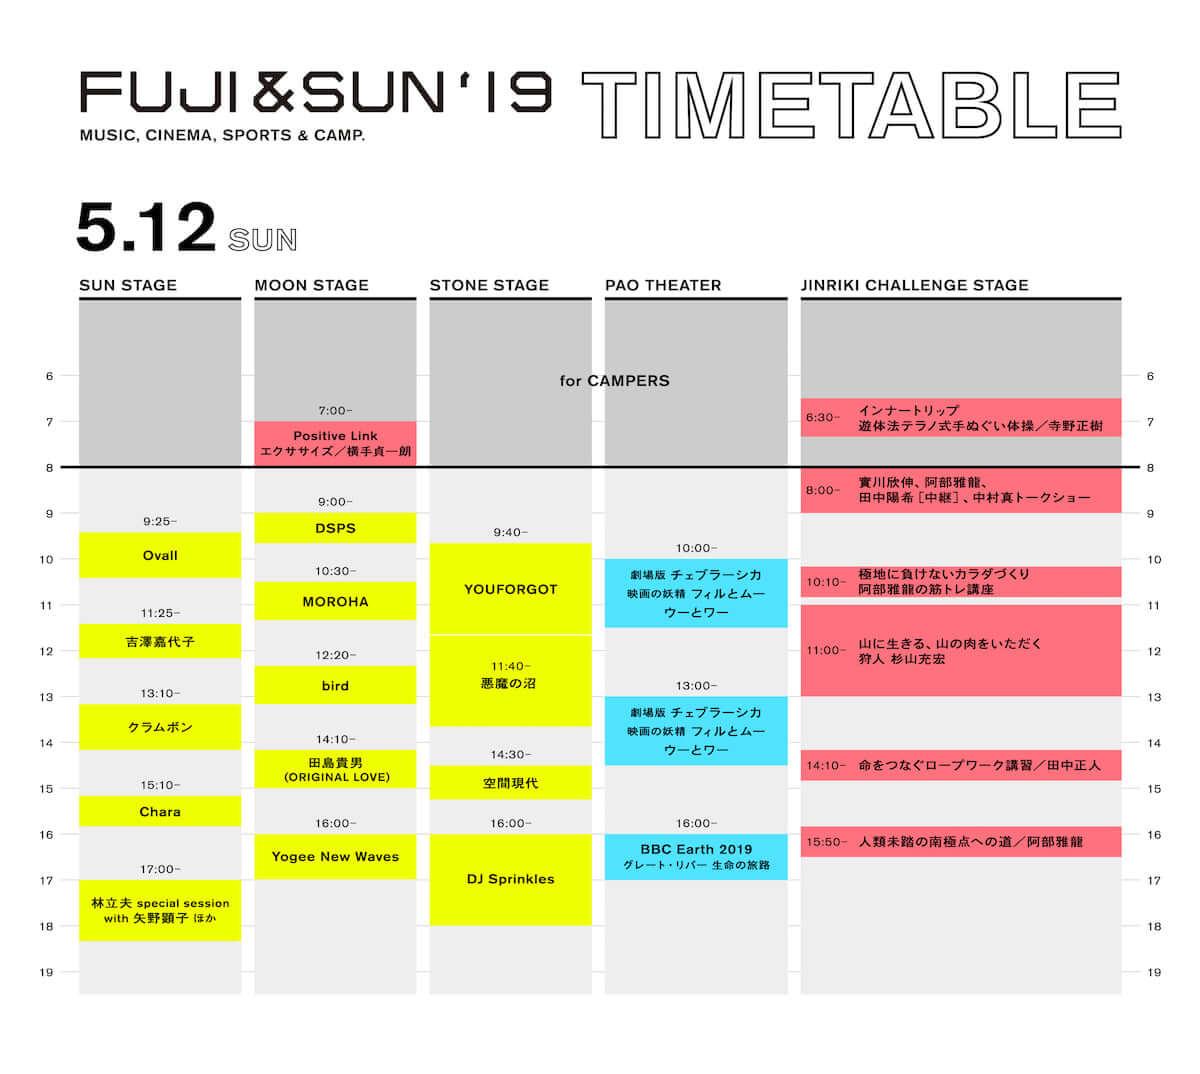 WOWOW初のフェス<FUJI&SUN '19>最終ラインナップとタイムテーブルが発表!D.A.N.、やけのはらなどが追加 music190403_fujiandsun_6-1200x1074